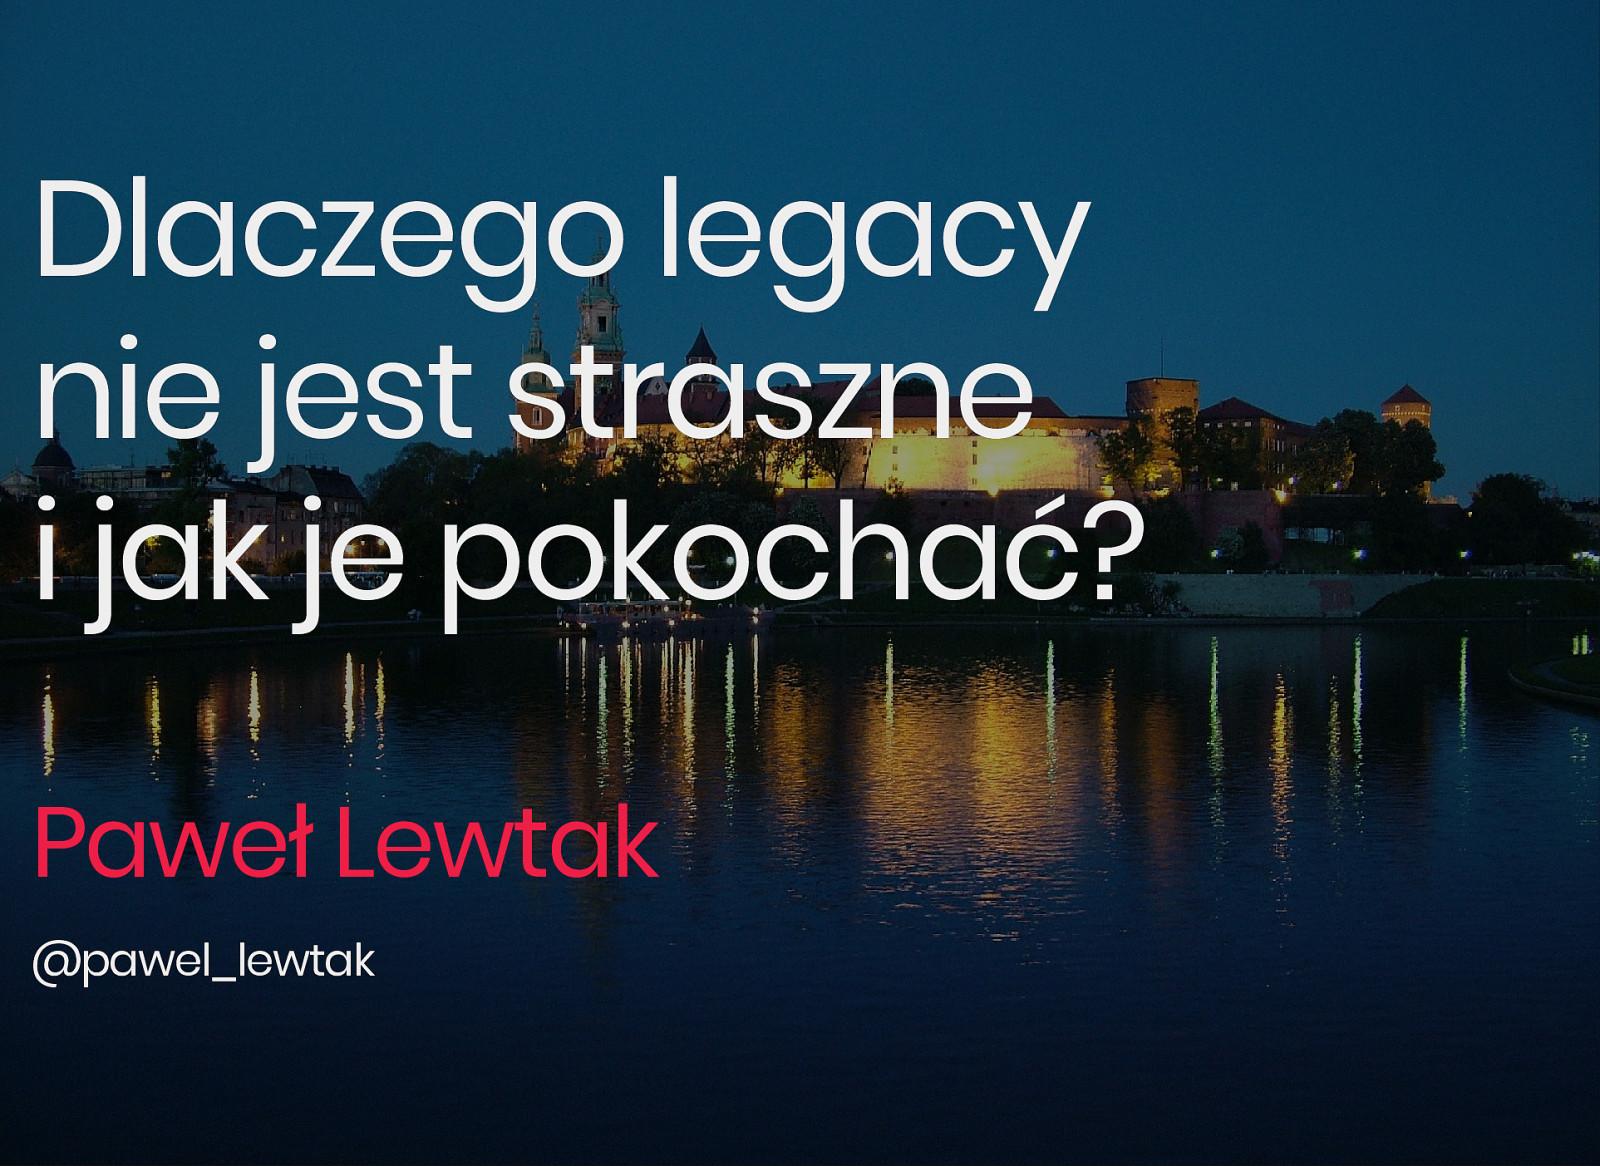 Dlaczego legacy nie jest takie straszne i jak je pokochać?